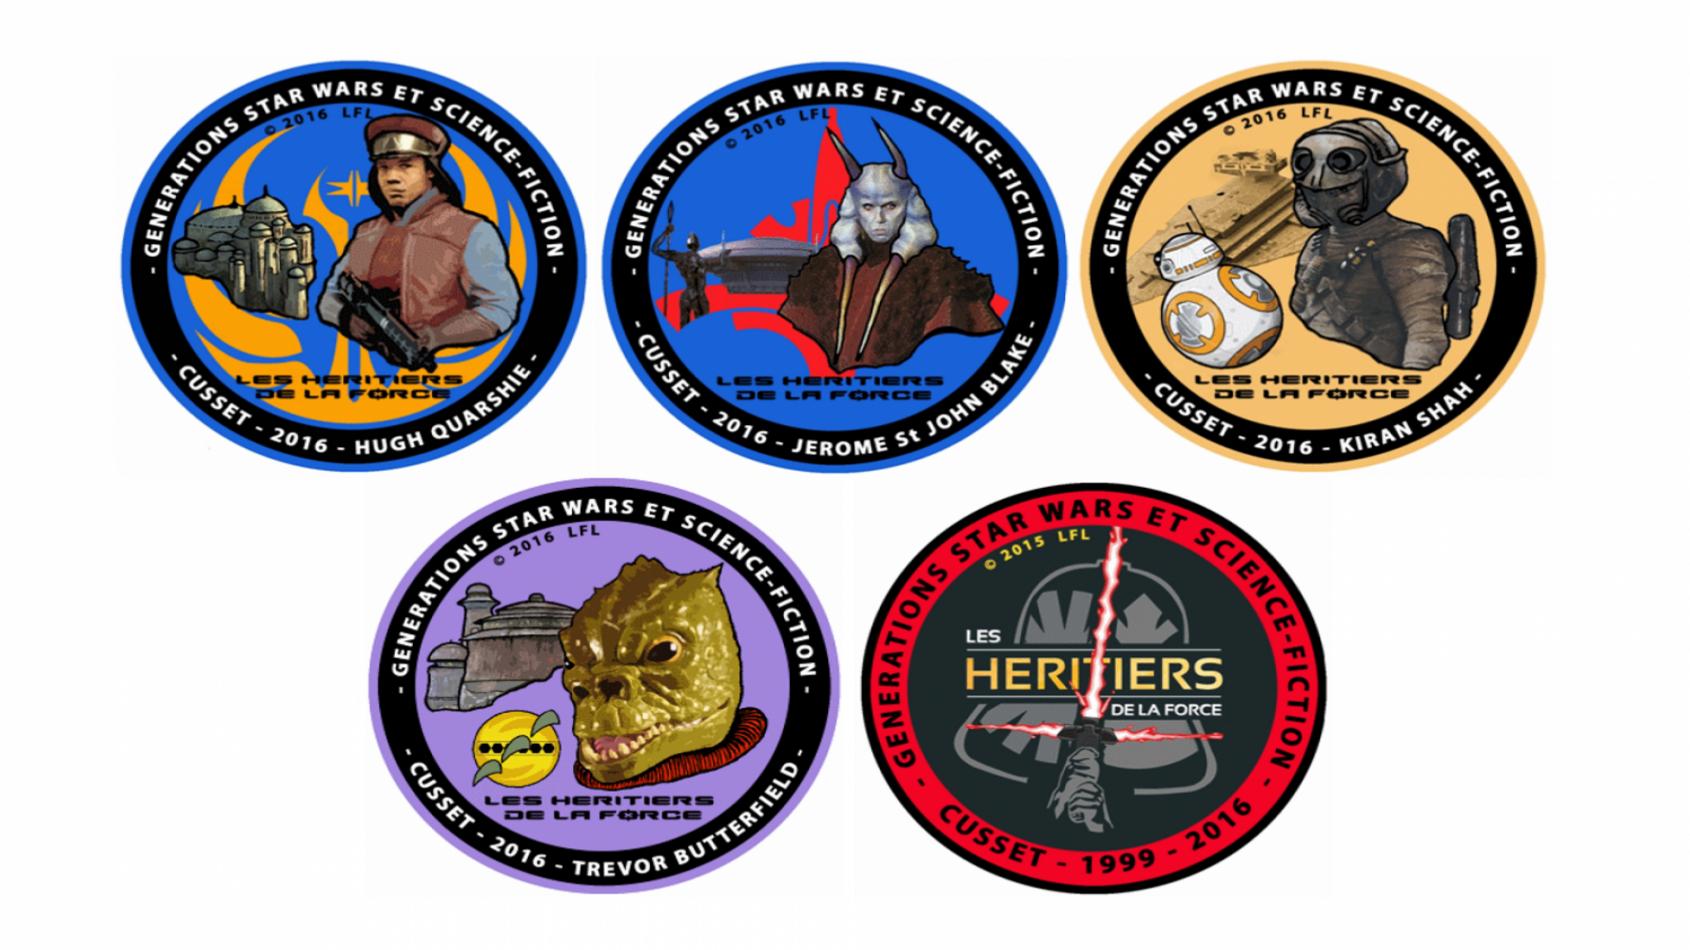 G�n�ration Star Wars et Science-Fiction, pour la bonne cause !